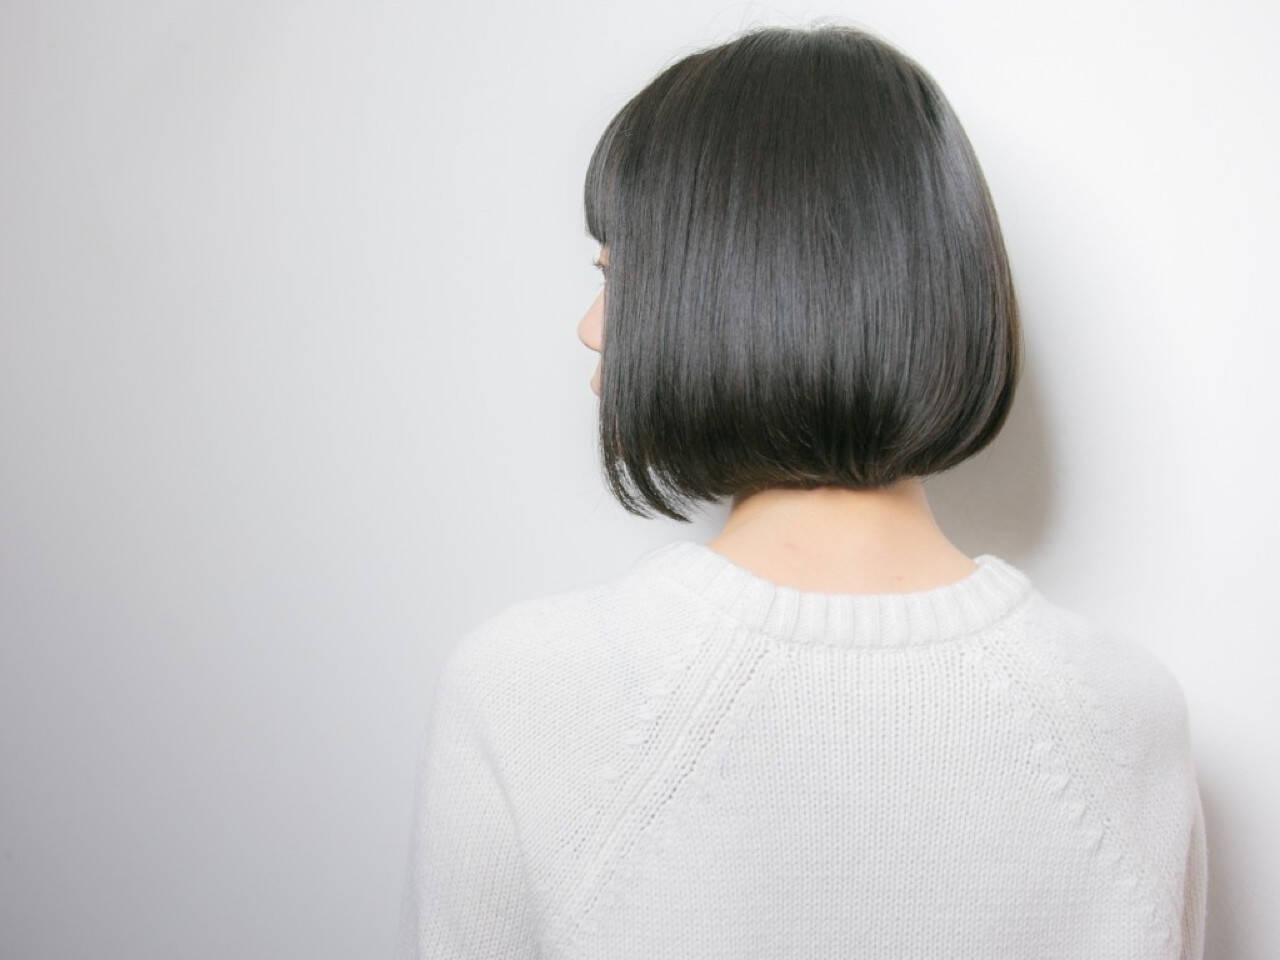 暗髪 ボブ 大人かわいい 前髪ありヘアスタイルや髪型の写真・画像